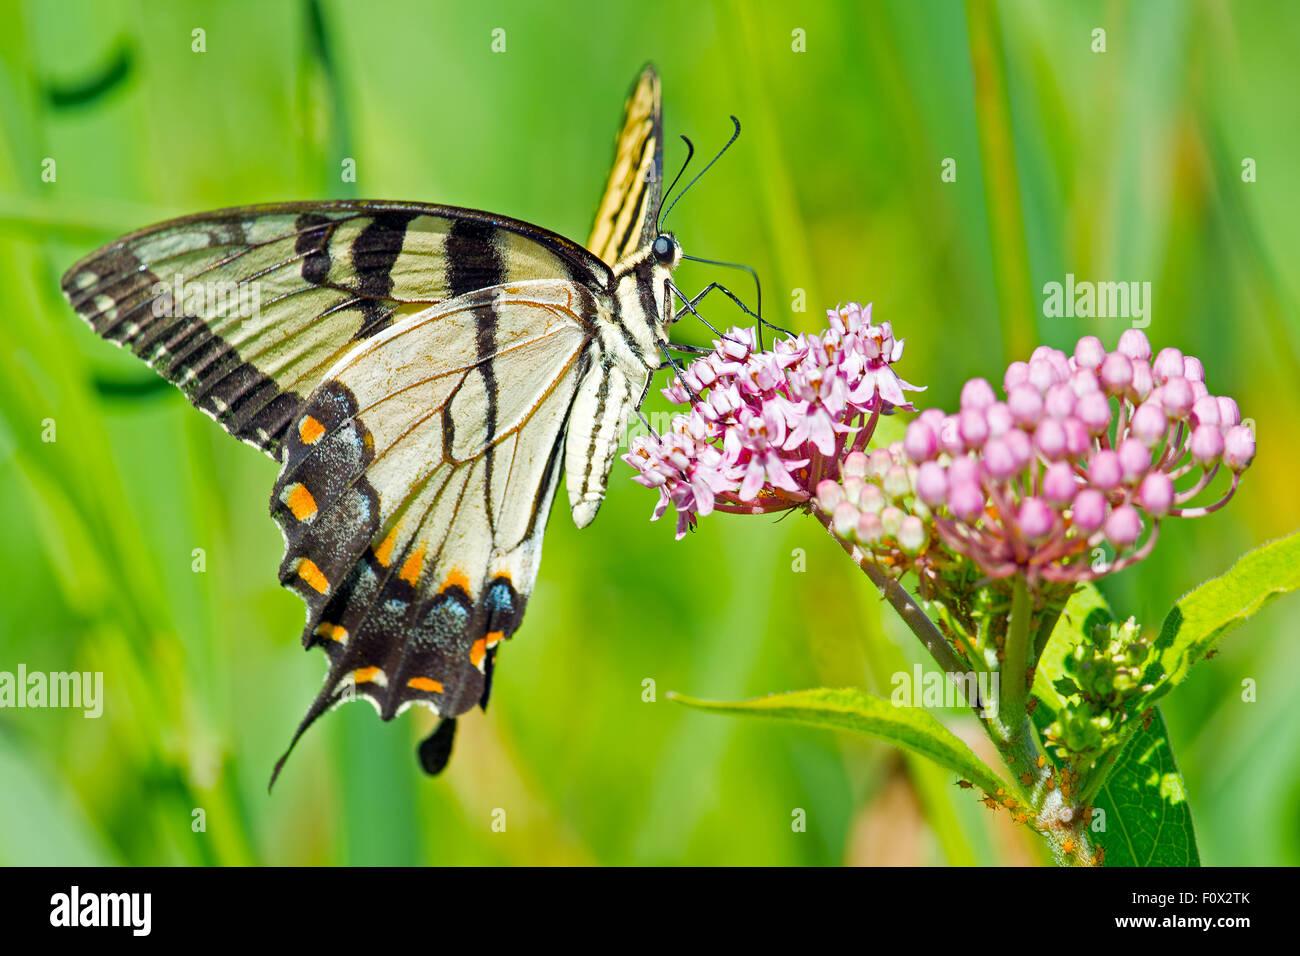 Especie de mariposa tigre alimentándose de flores Imagen De Stock